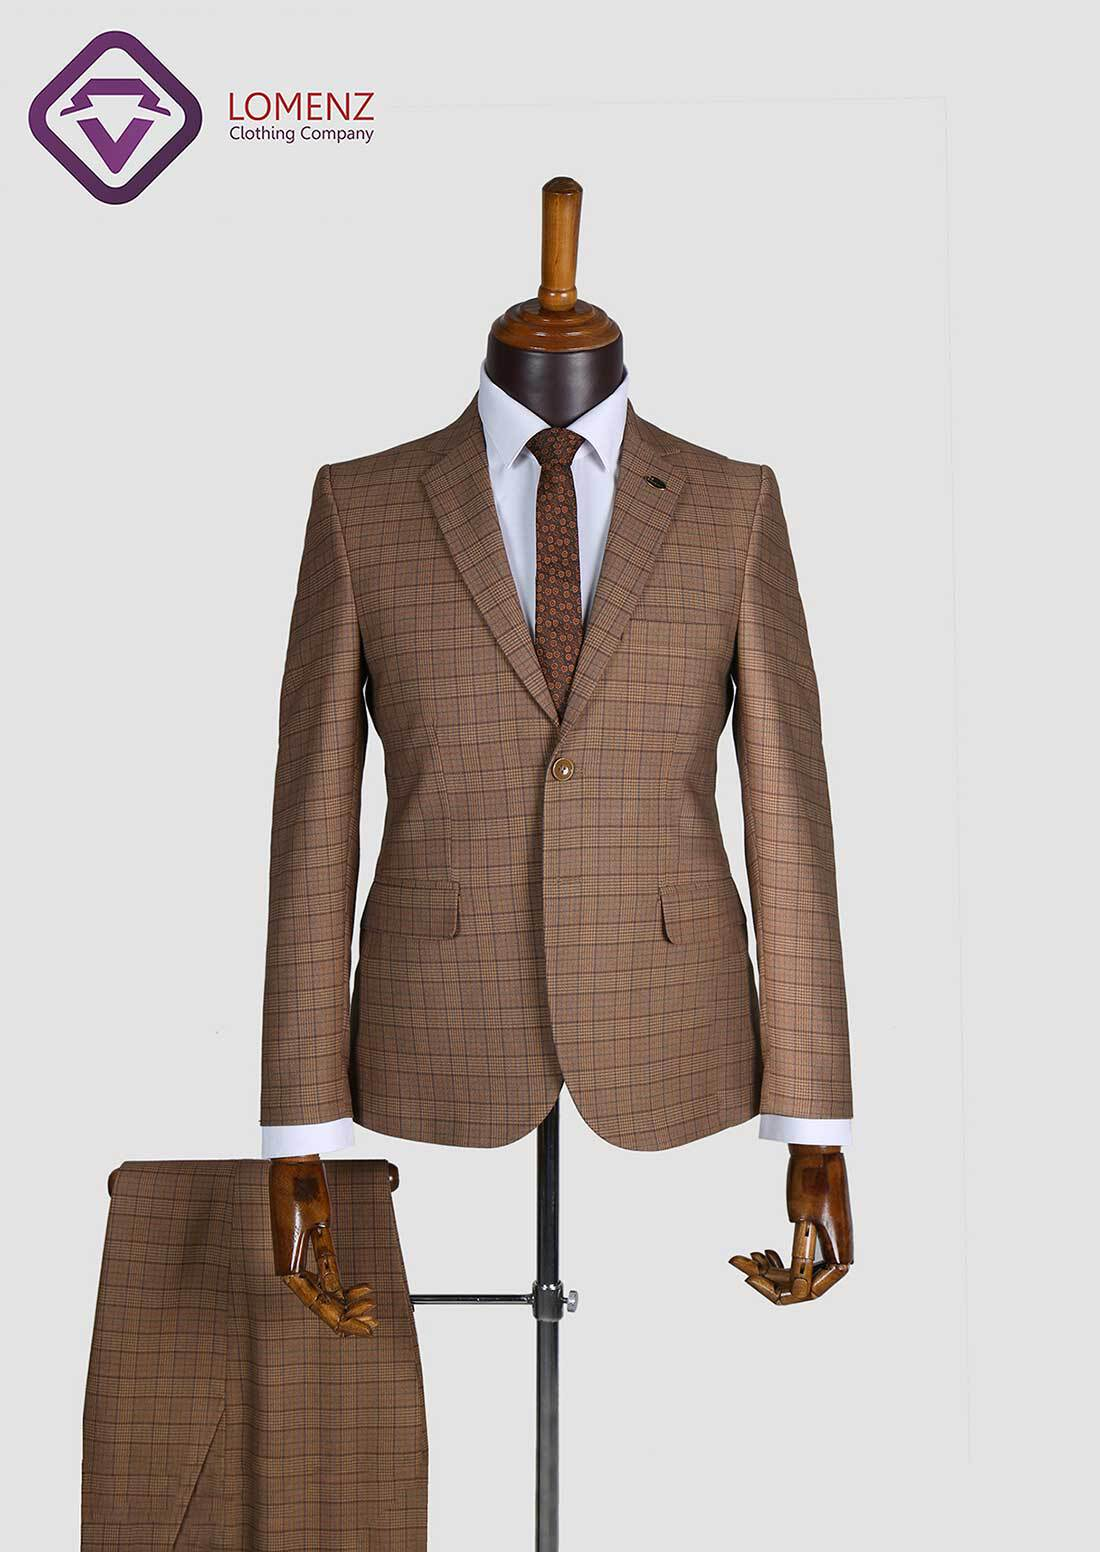 کت شلوار پیچازی طرح فاستونی تولید شده توسط سایت لومنز